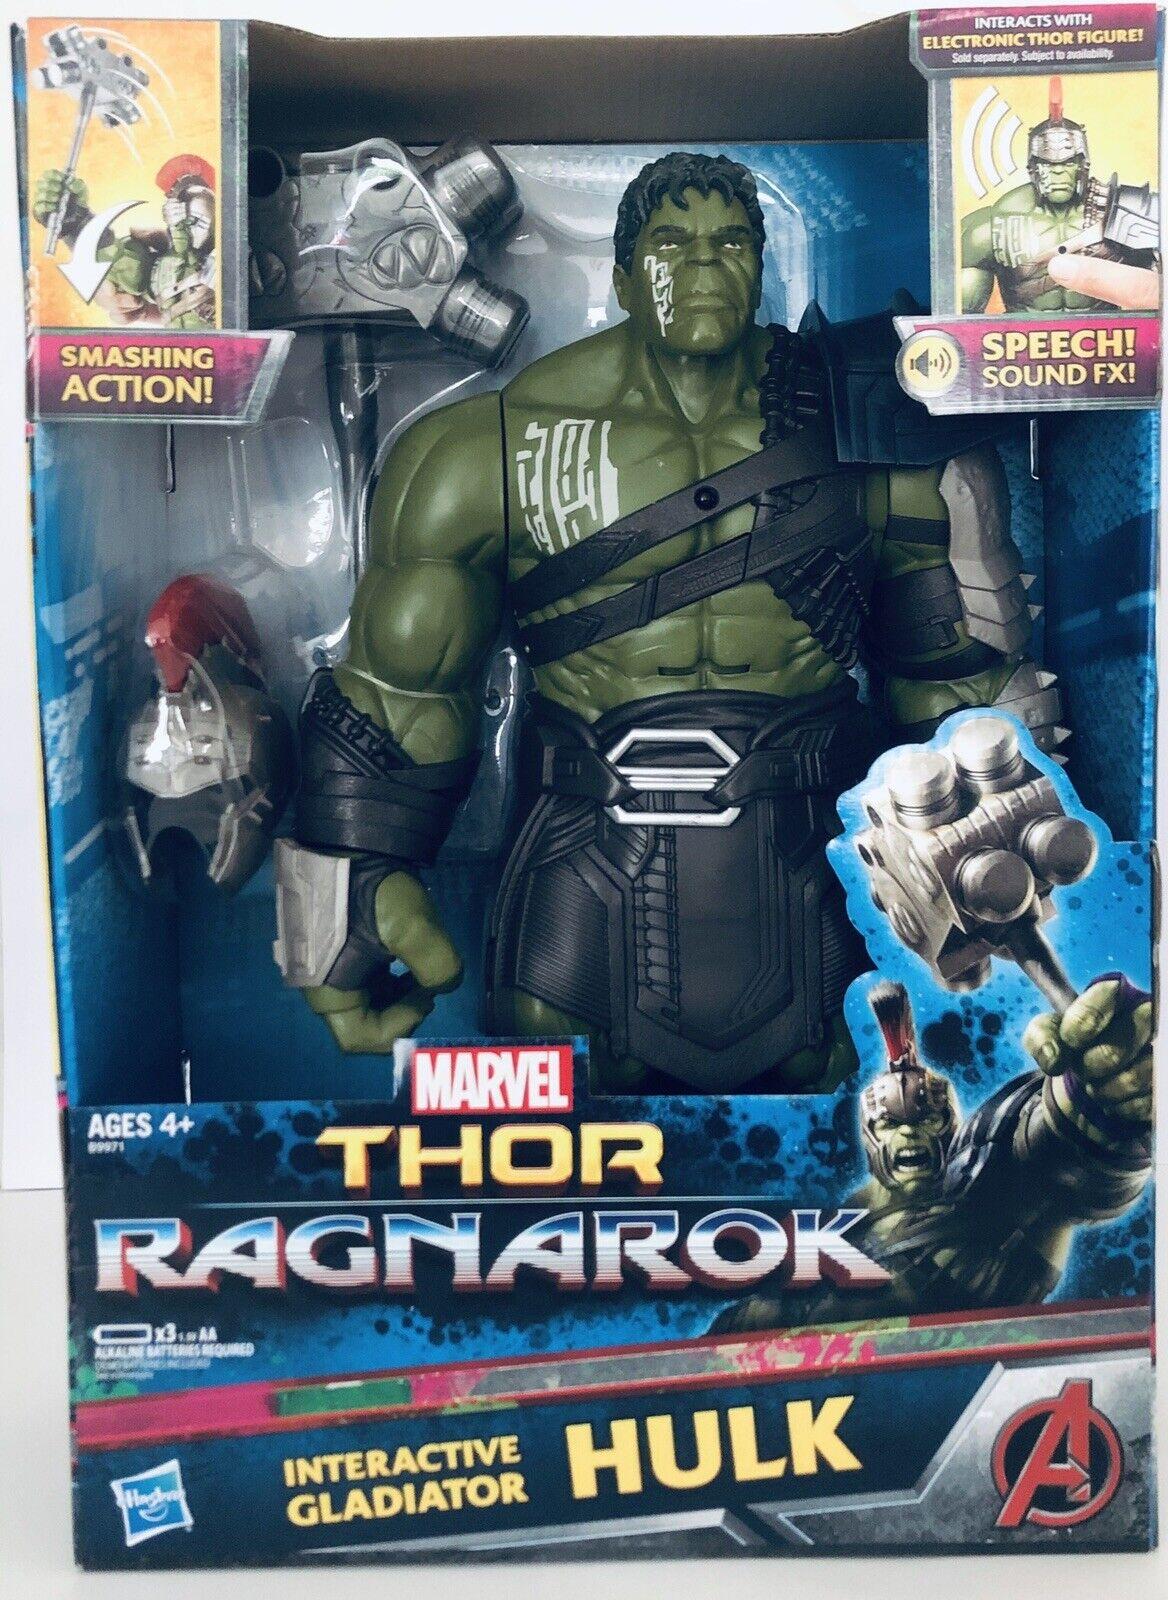 Los Vengadores Marvel Thor Ragnarok Interactivo Gladiador Hulk Nuevo